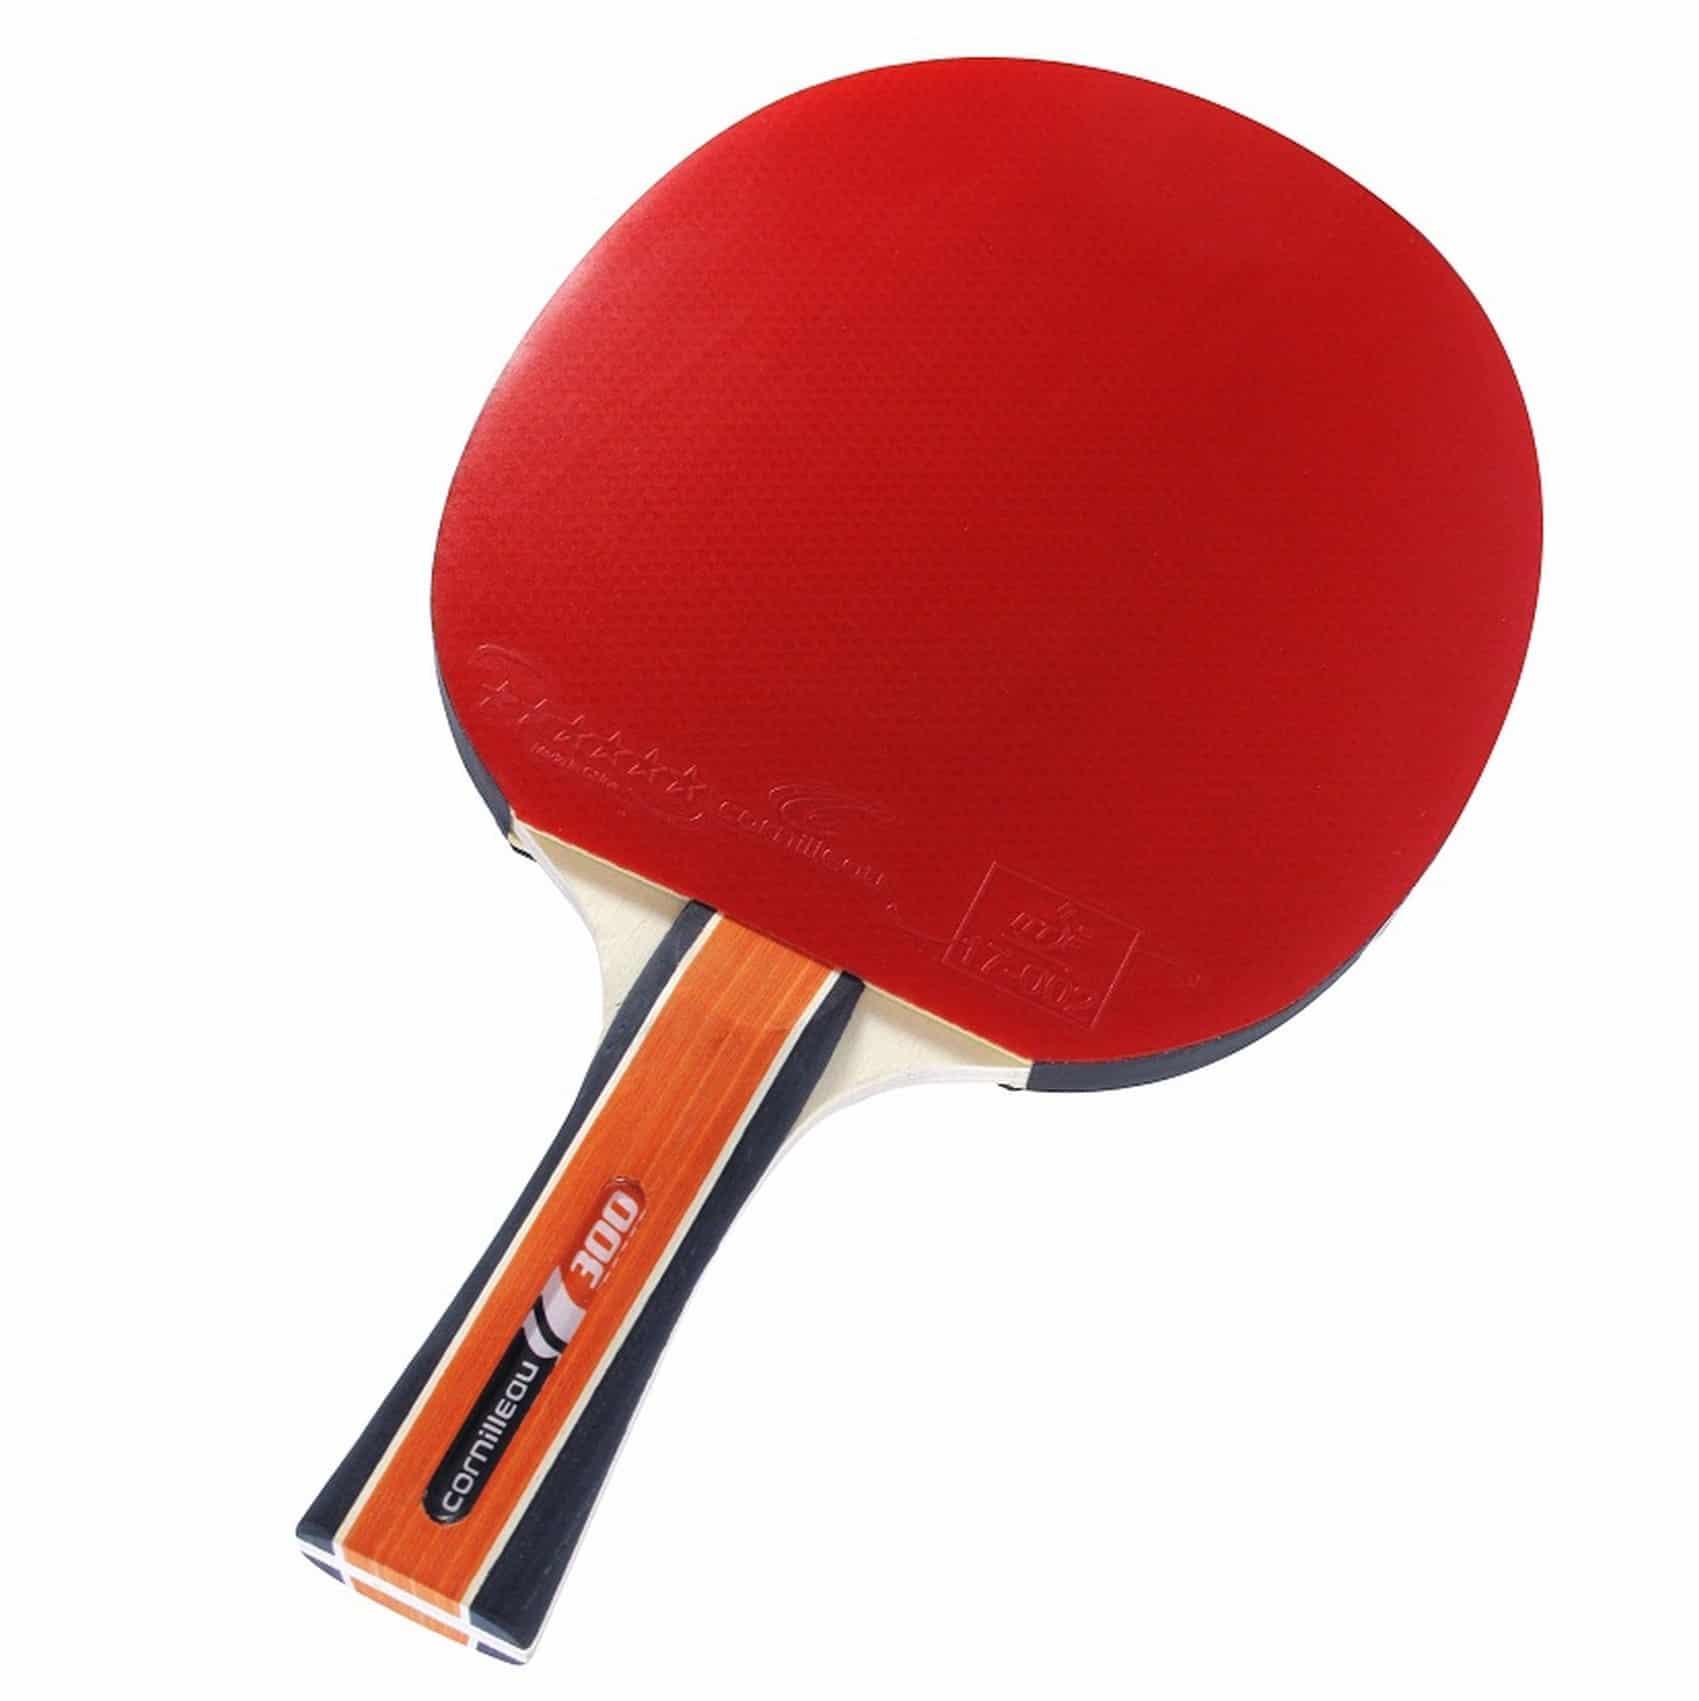 Raquetas-de-tenis-de-mesa-7